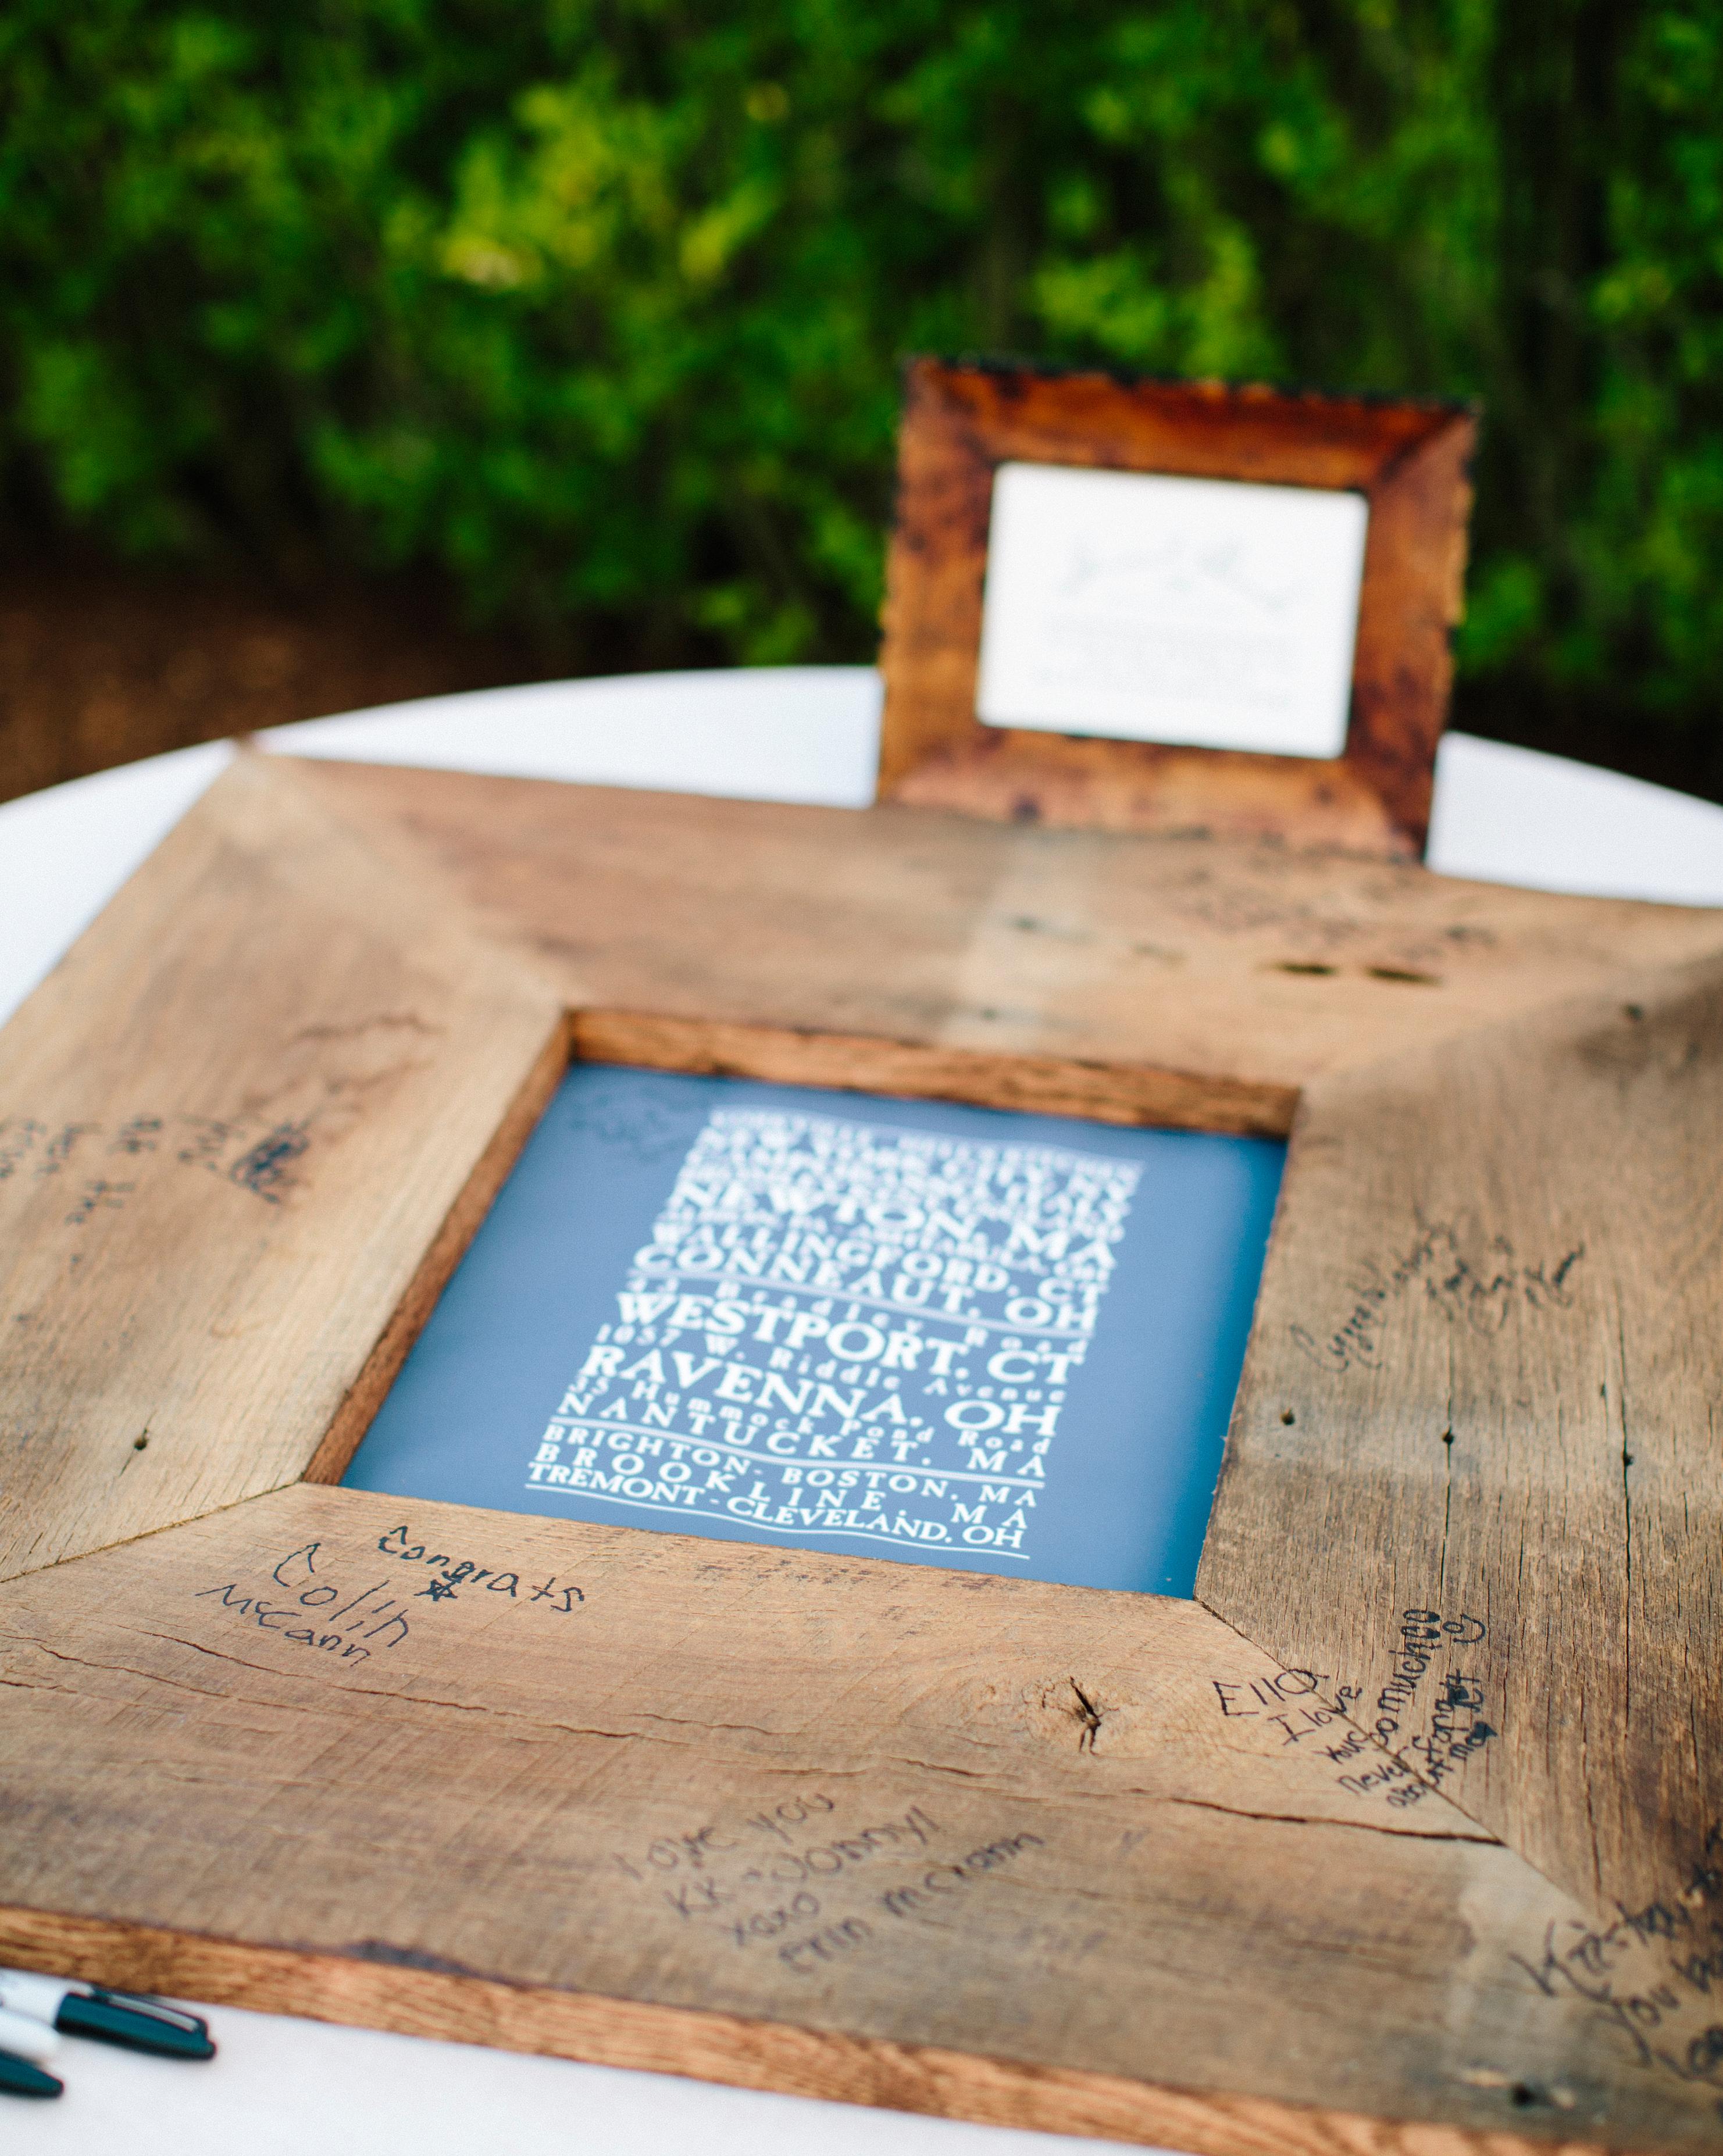 kristen-jonathan-wedding-frame-1549-s112193-1015.jpg